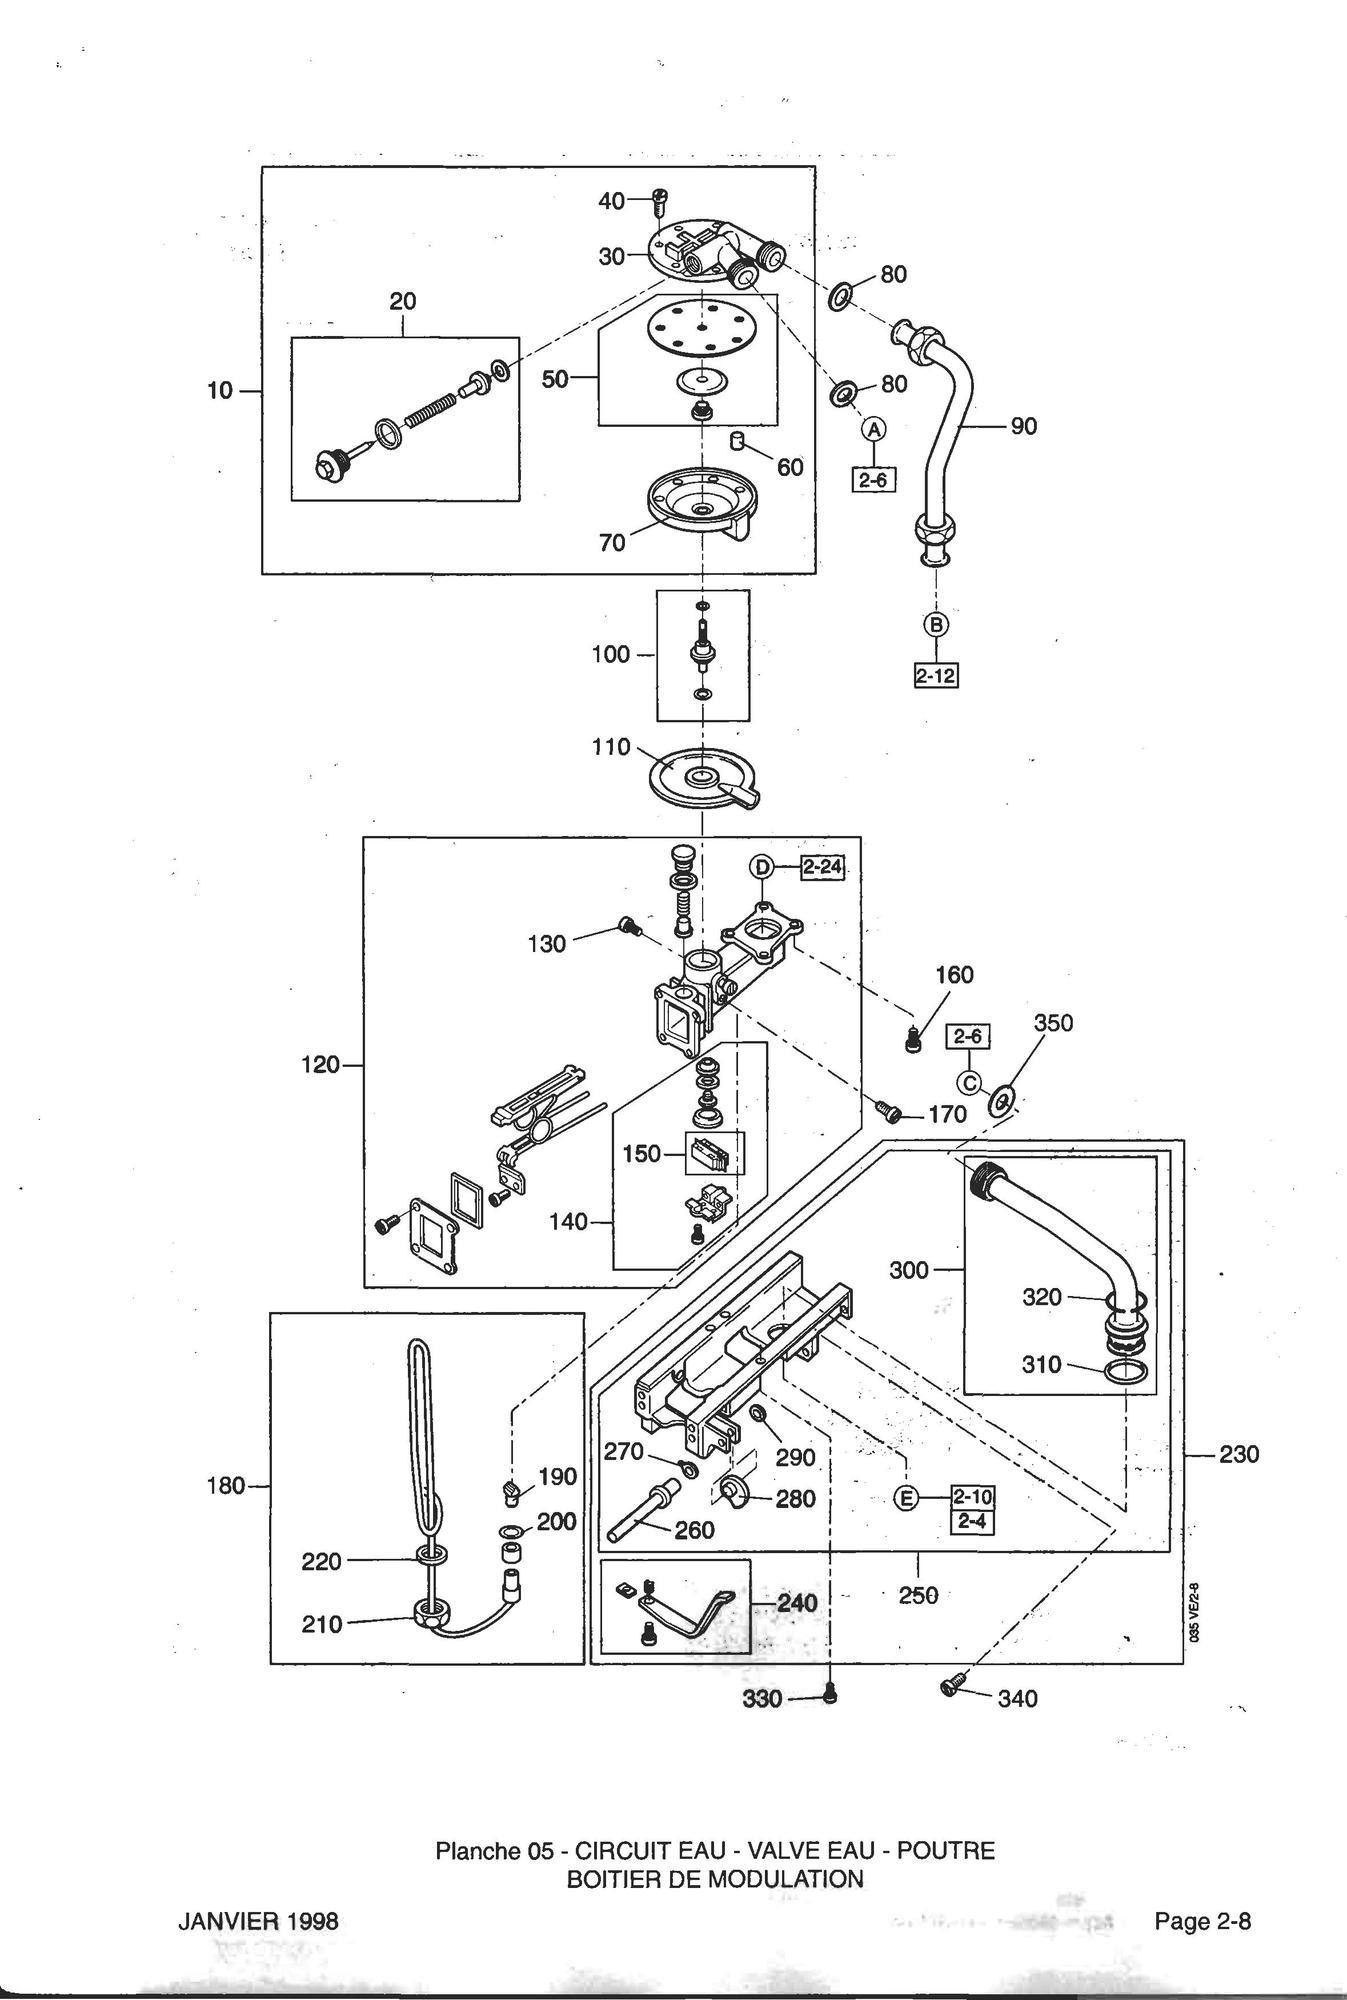 recherche directe dans la vue clat e de l 39 article elm leblanc membrane valve eau equipee. Black Bedroom Furniture Sets. Home Design Ideas